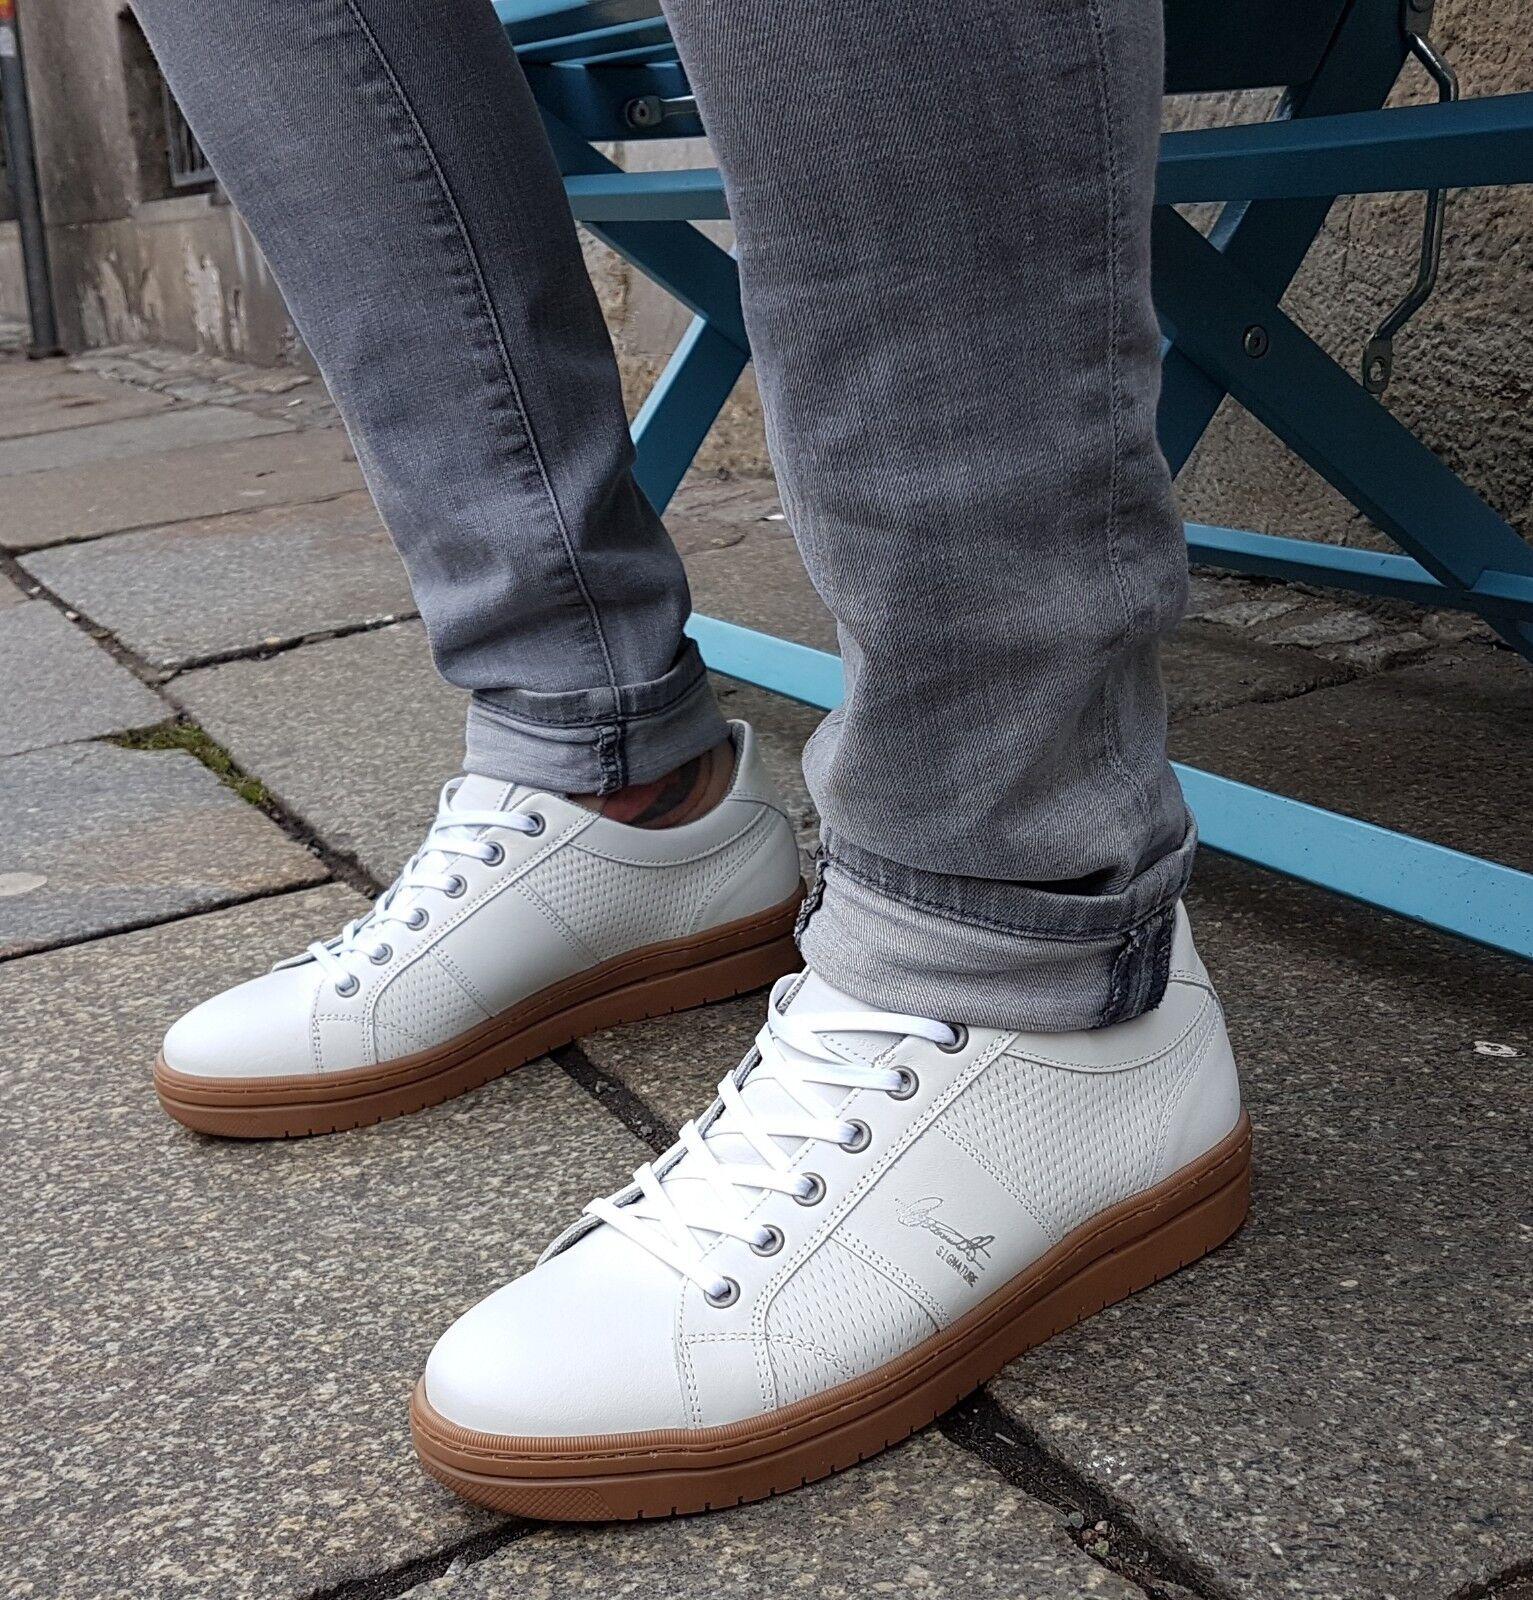 Bullboxer zapatos 116 K 25742 dptwhsu 00 blancooo cuero auténtico zapatillas con cordones orginal